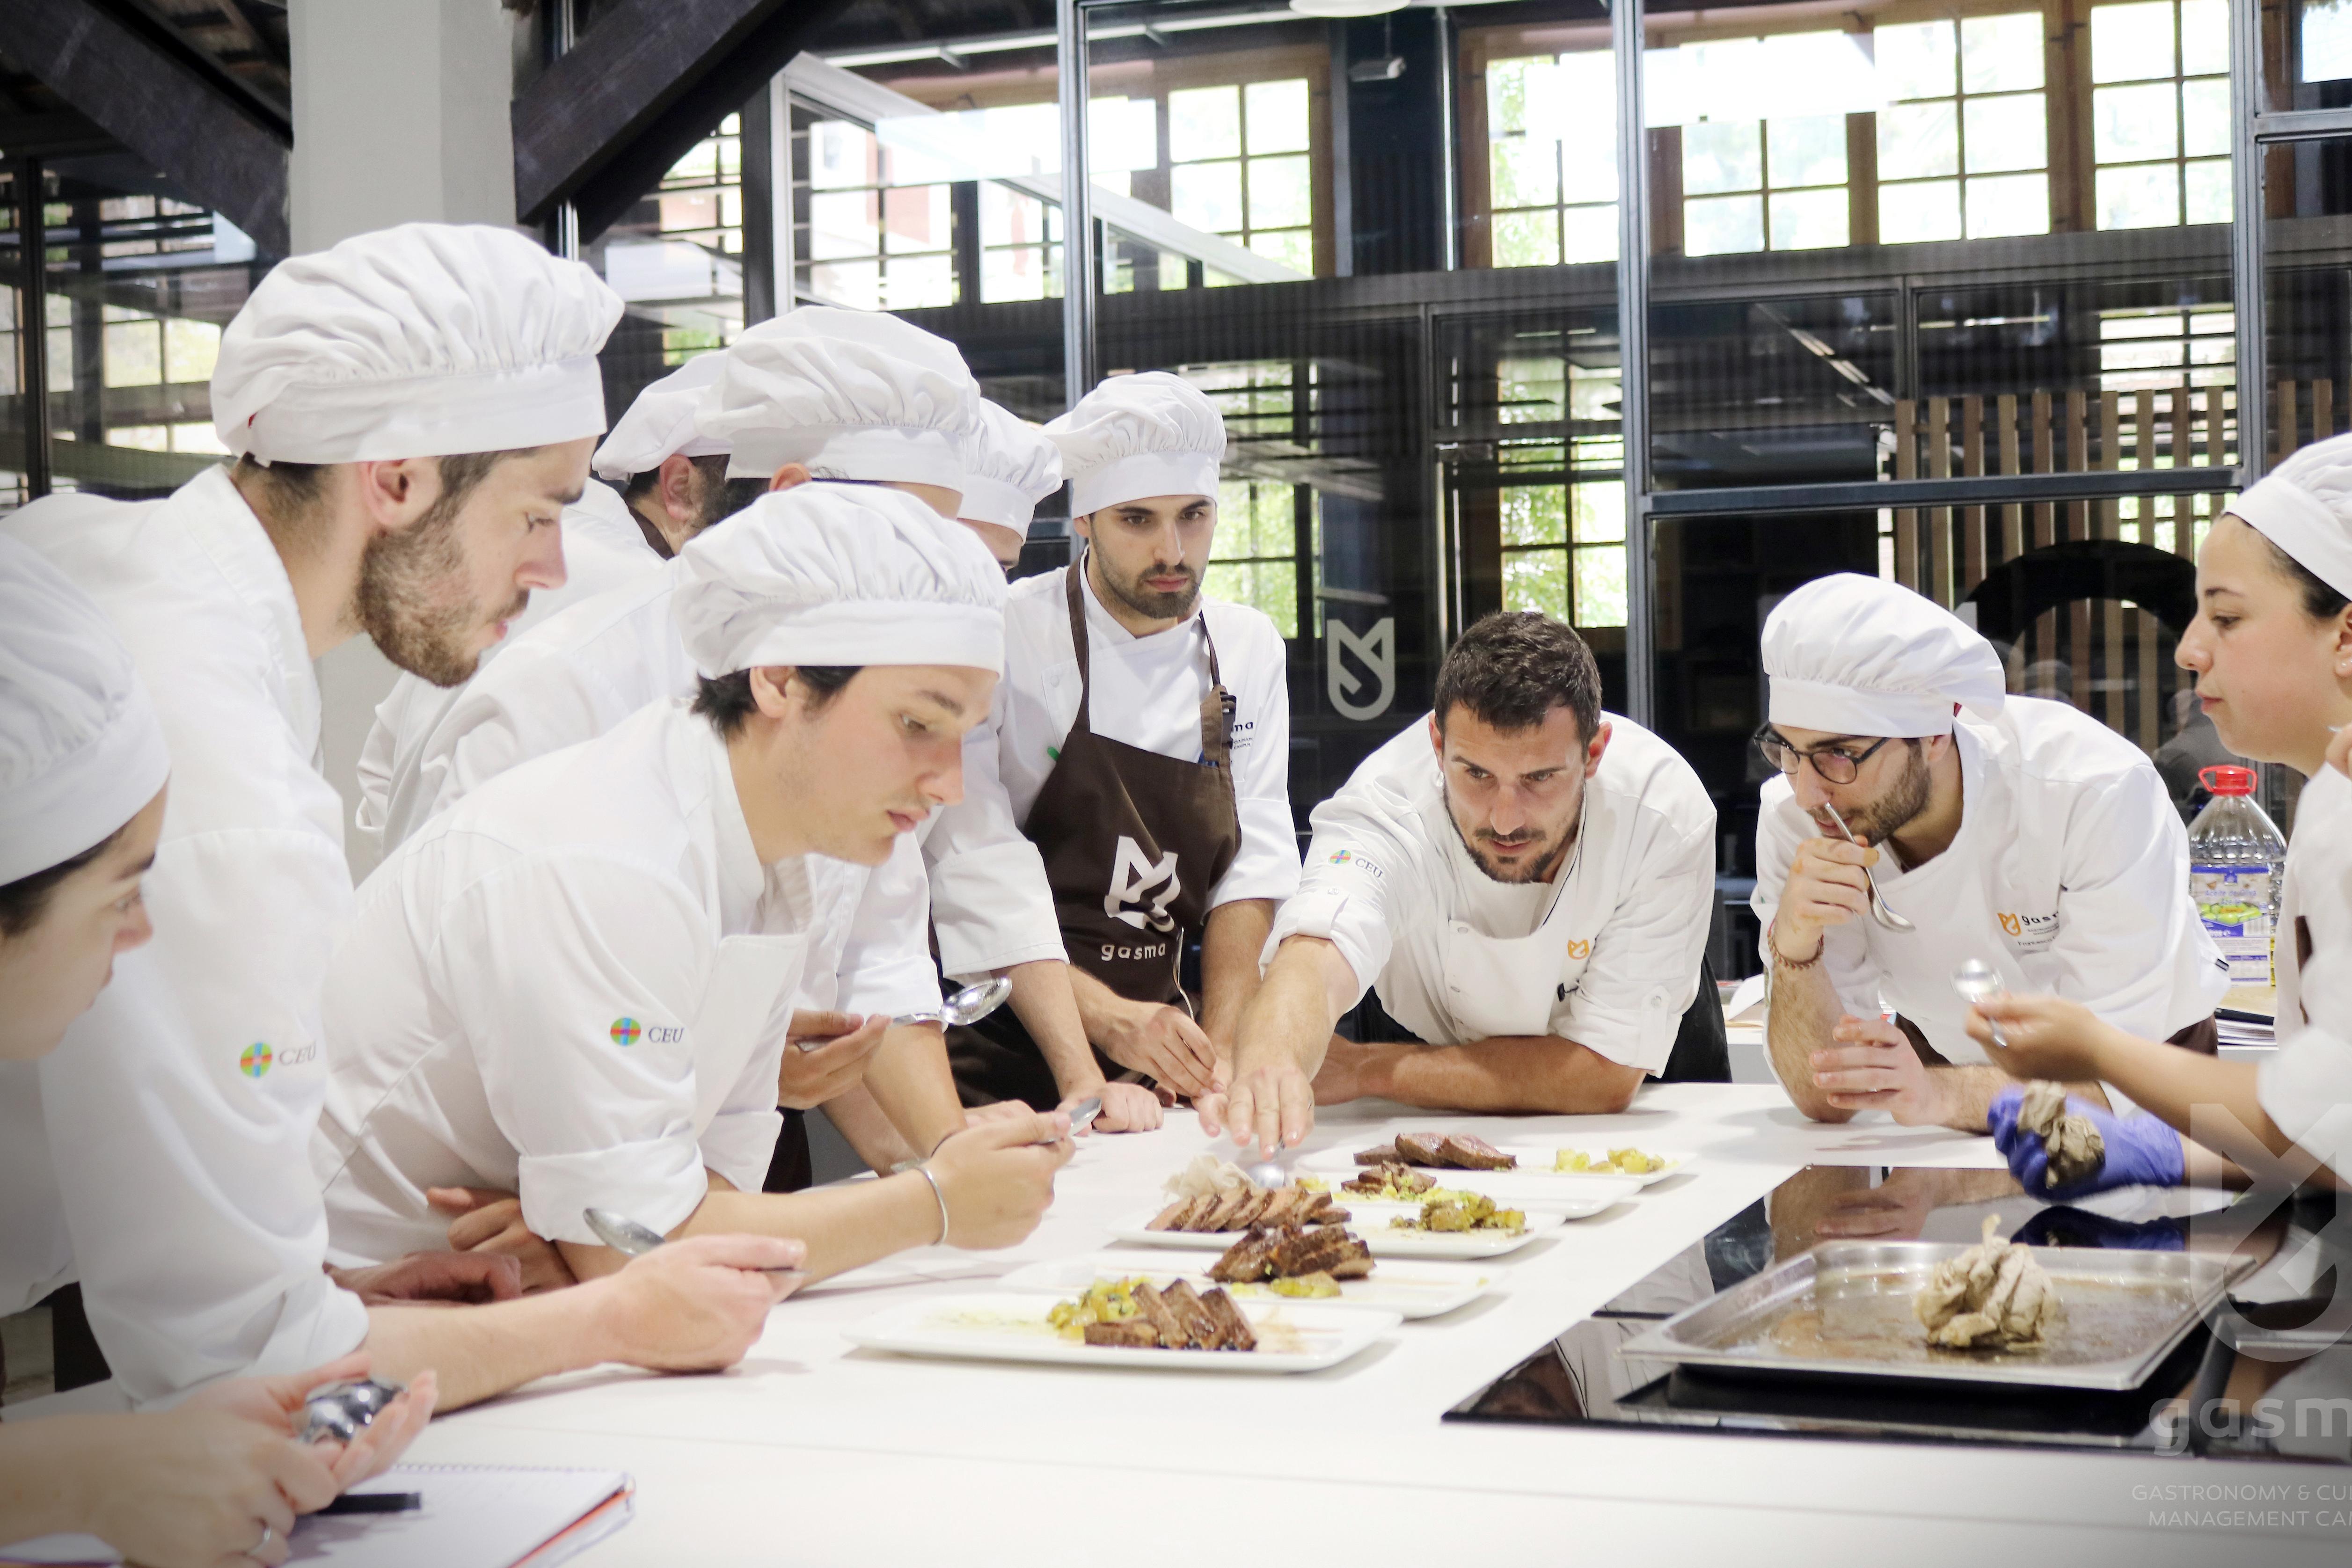 Студенты GASMA практикуют приобретенные навыки в специальных помещениях, оснащенных самой современной техникой